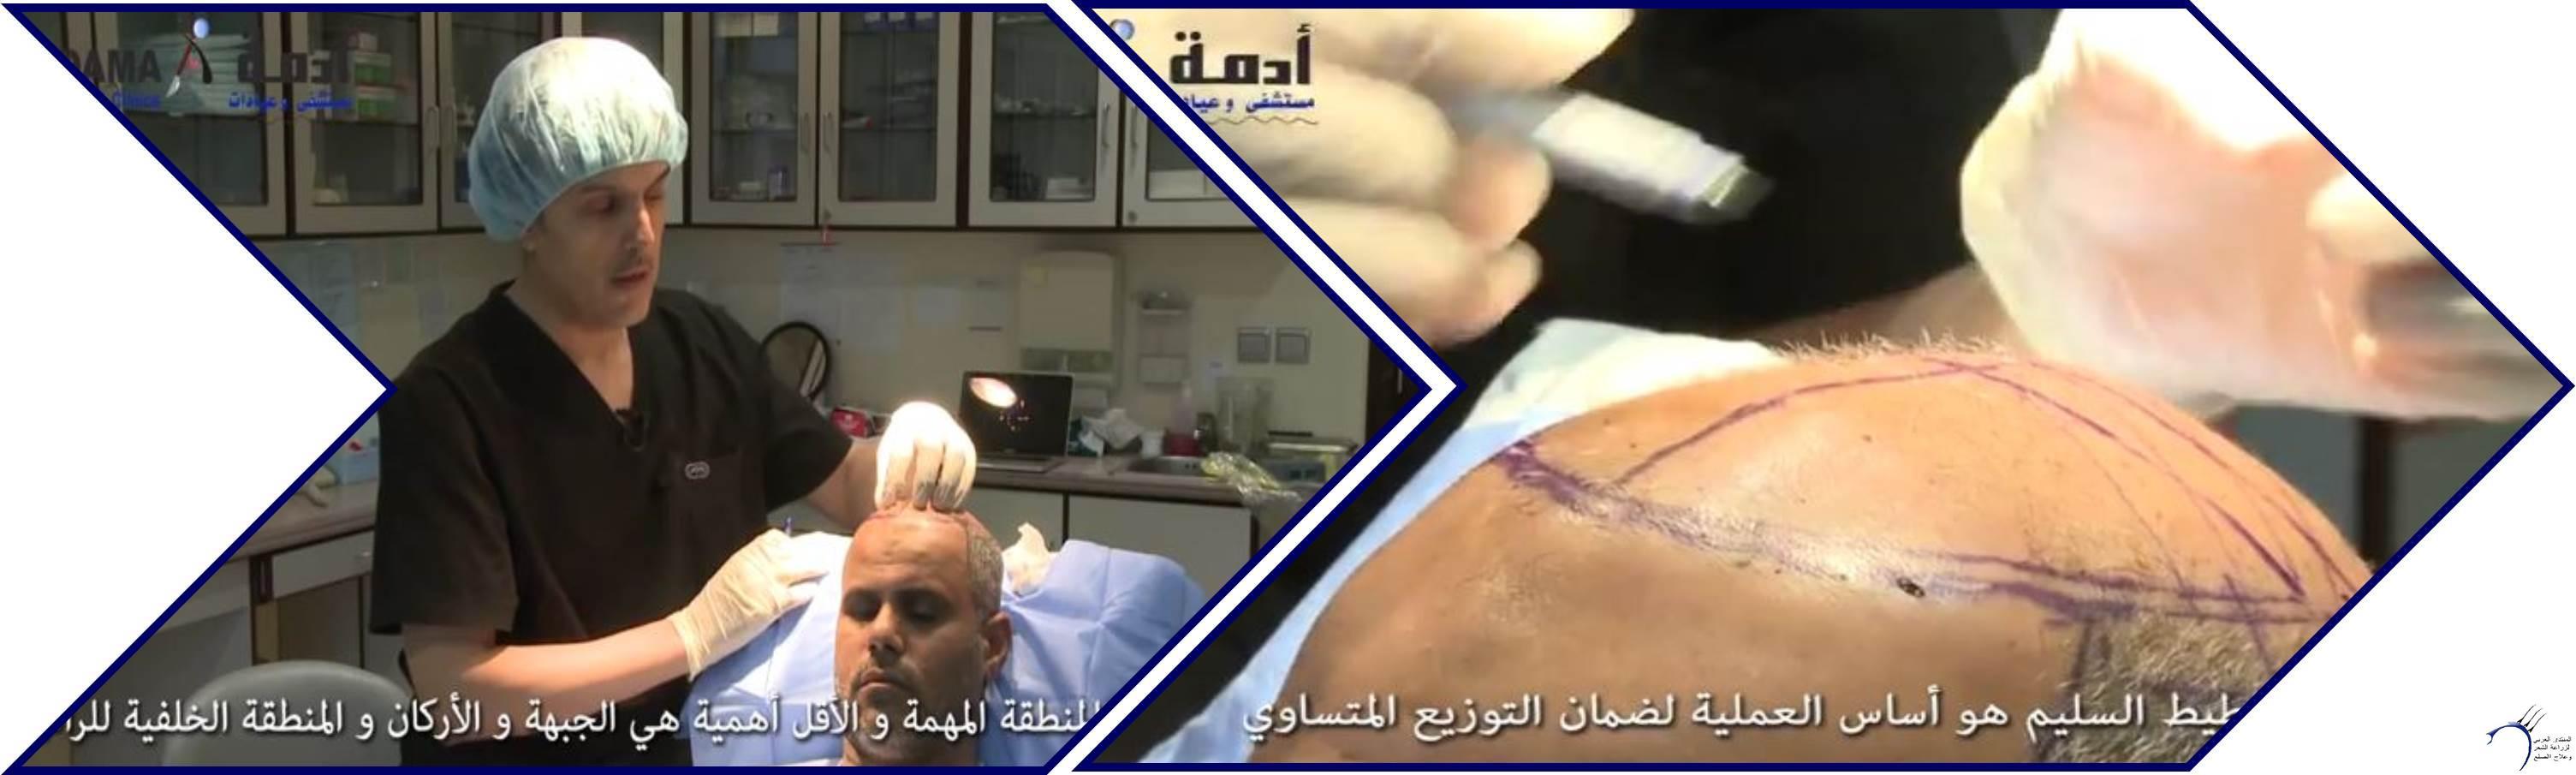 مشاكل الصلع وزراعة الشعر للدكتور www.hairarab.com0697